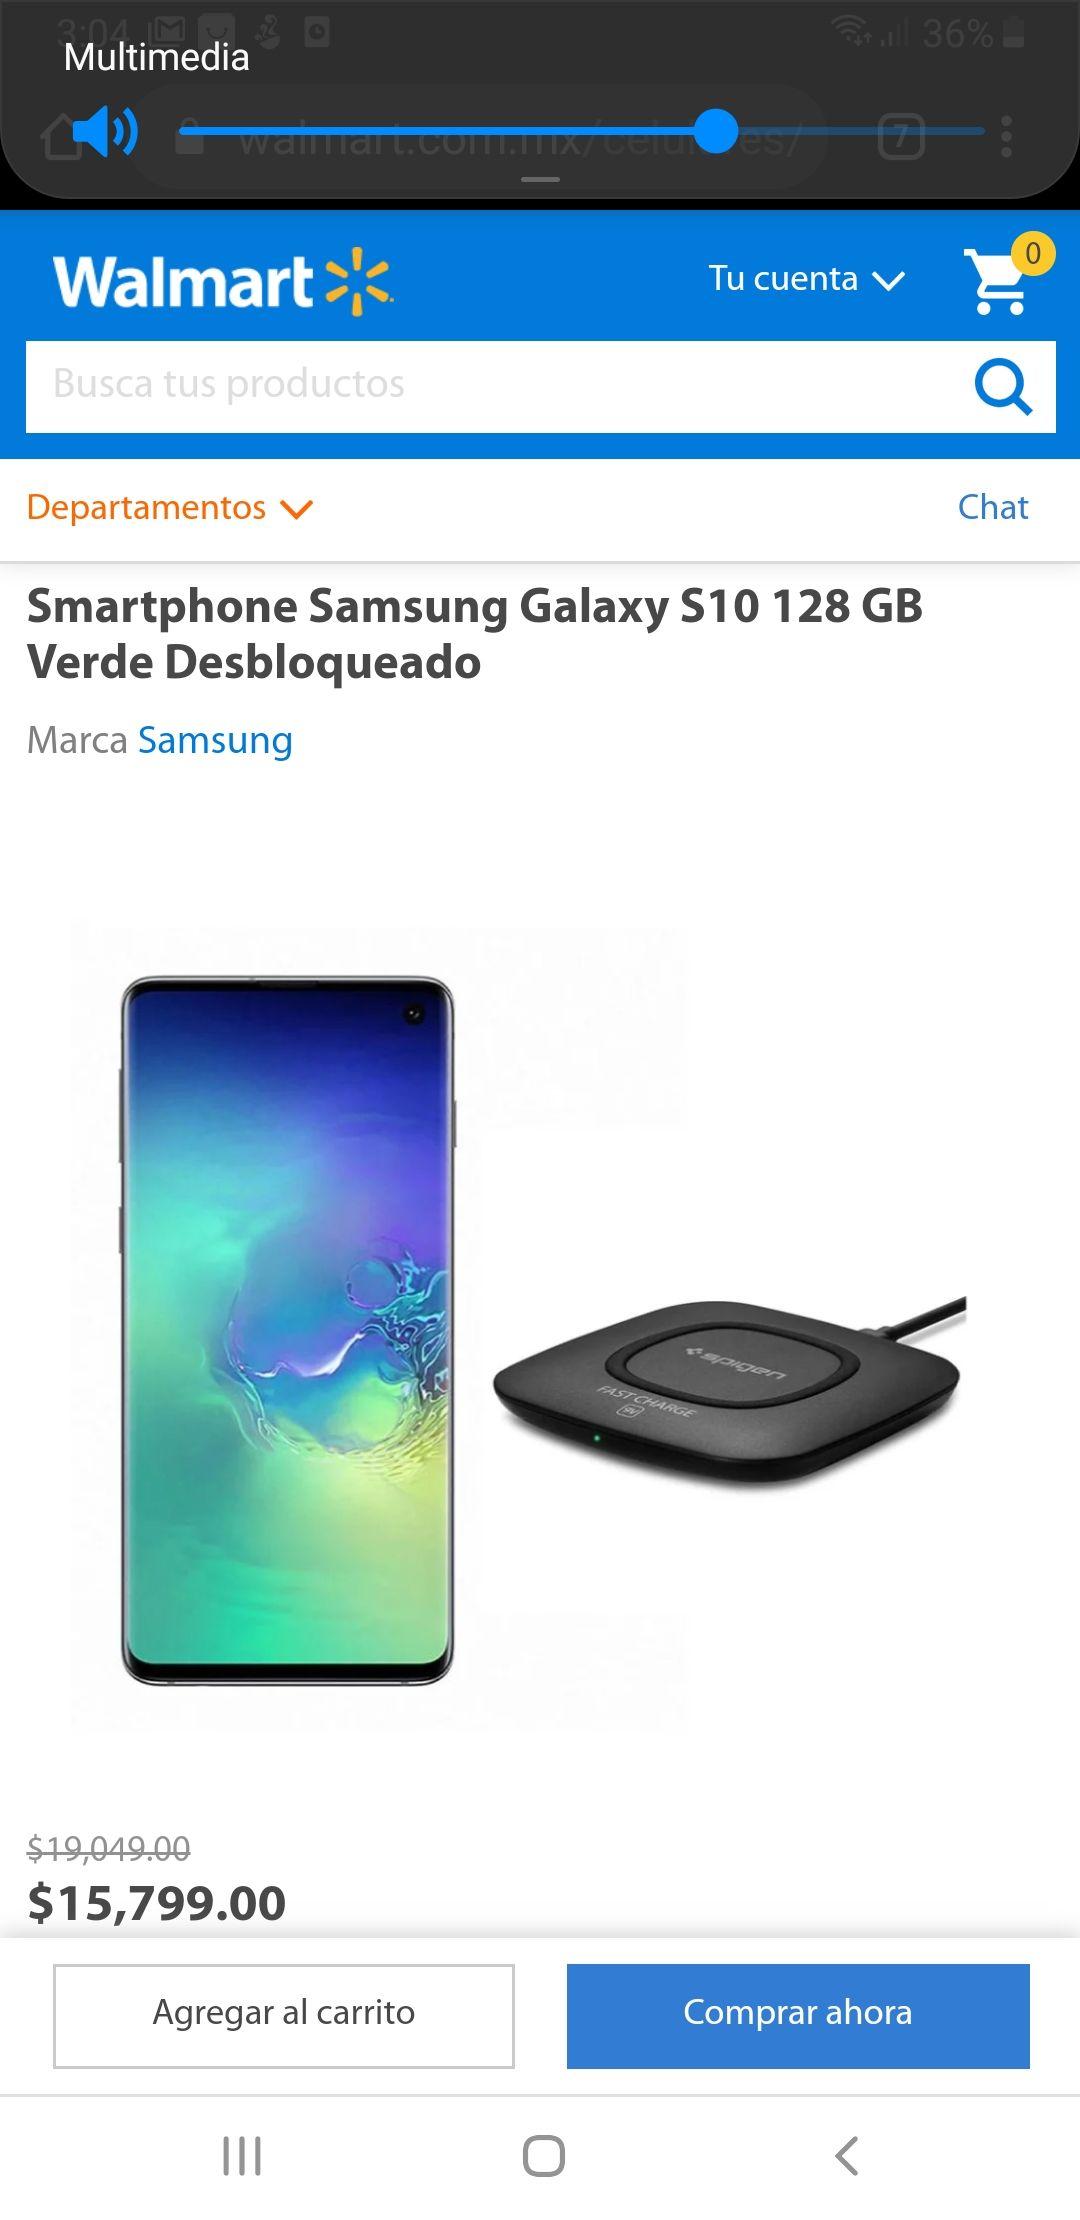 Walmart: Smartphone Samsung Galaxy S10 128 GB Verde Desbloqueado